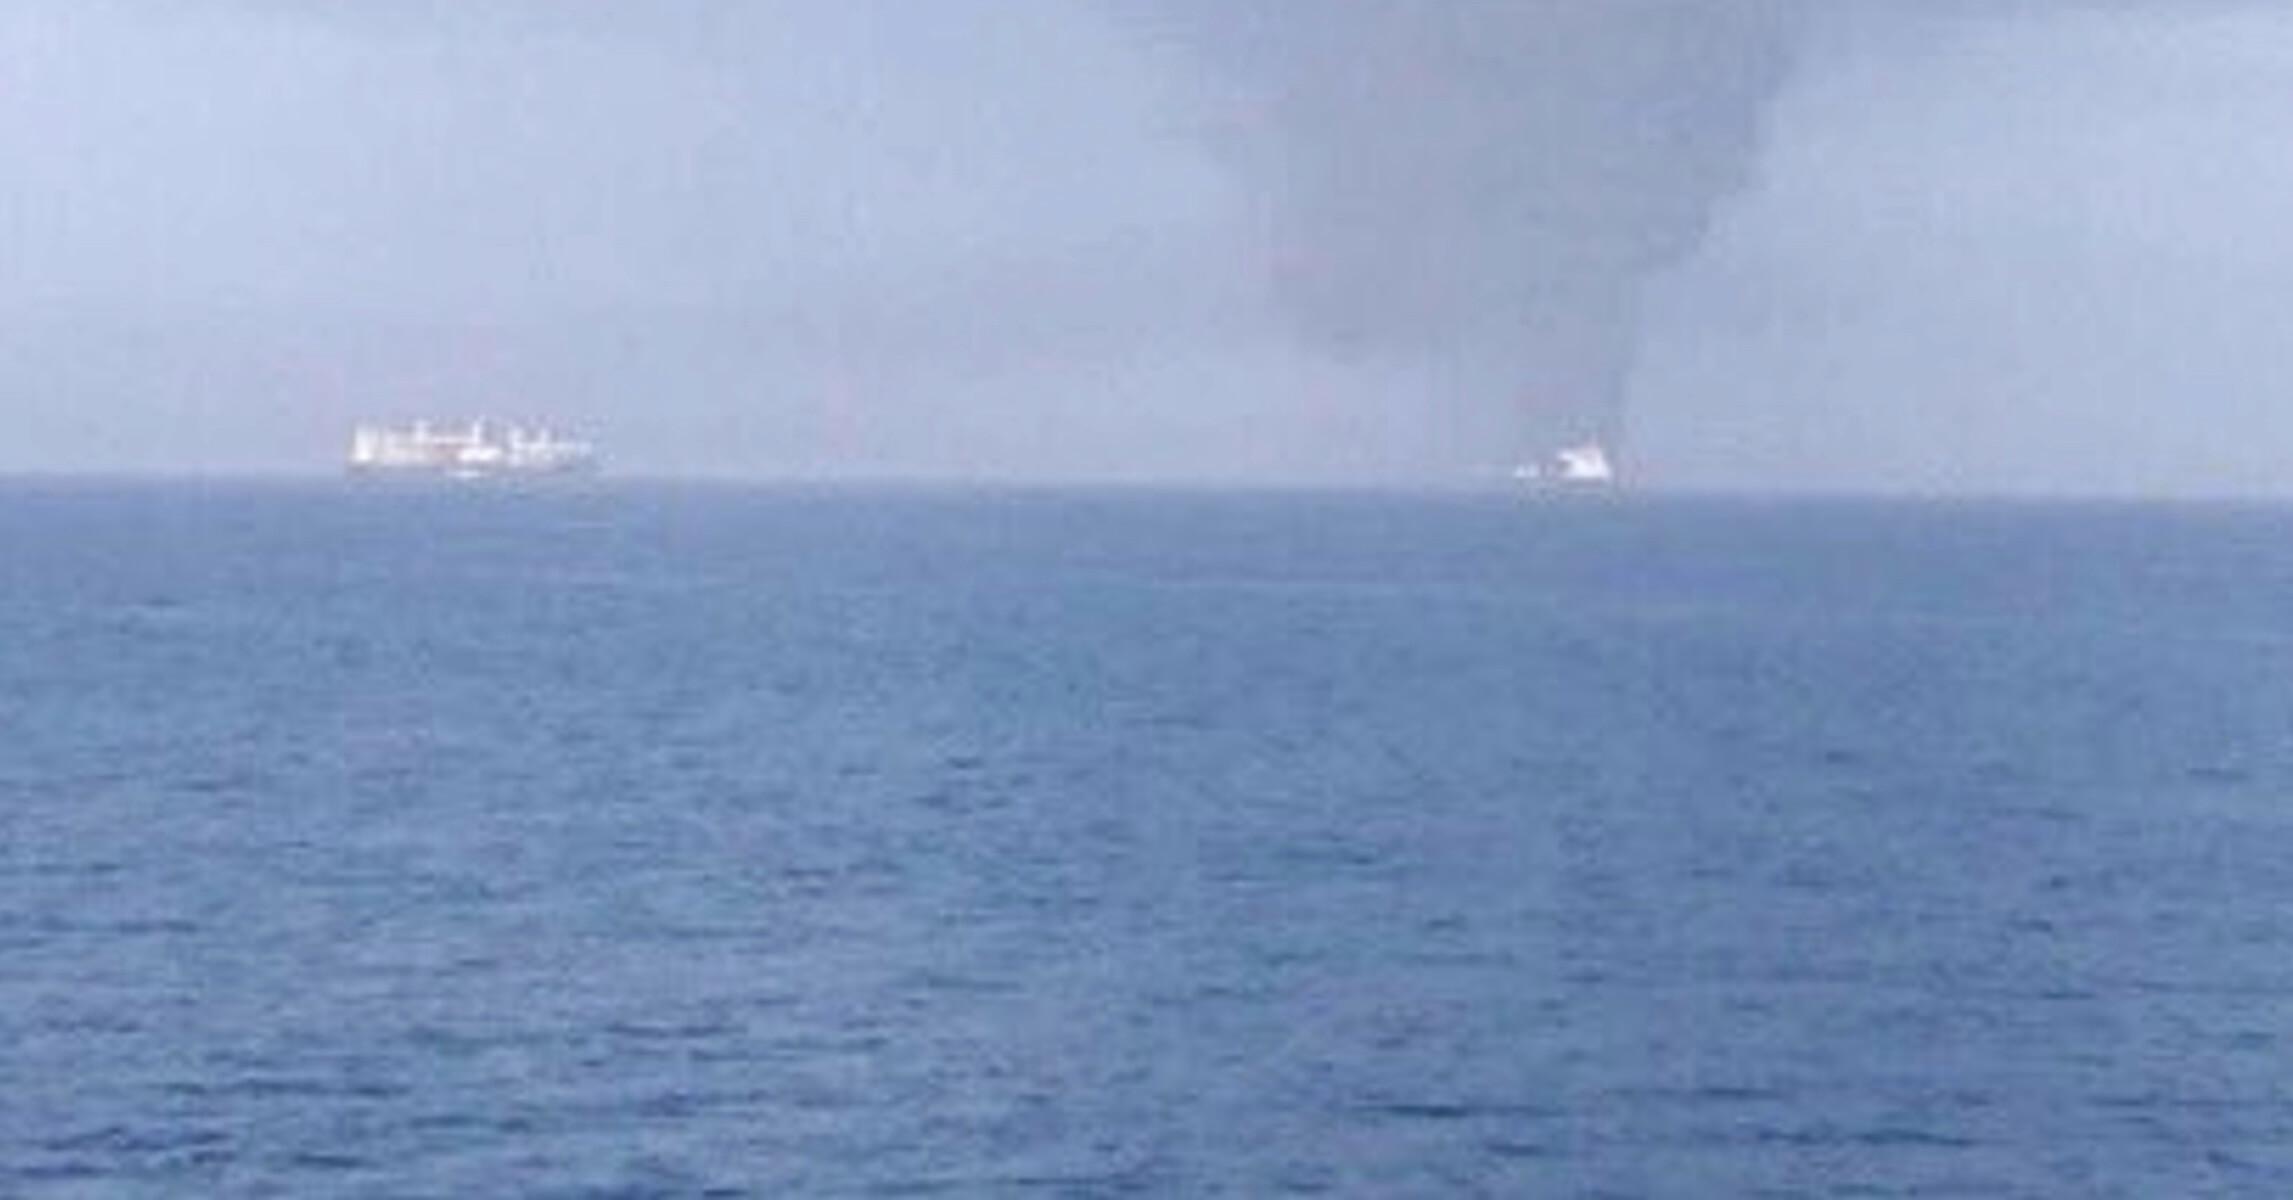 Παγκόσμιος συναγερμός! Επίθεση με τορπίλη δέχθηκε το ένα από τα δυο τάνκερ στον Κόλπο του Ομάν! Εκκενώθηκαν τα πλοία